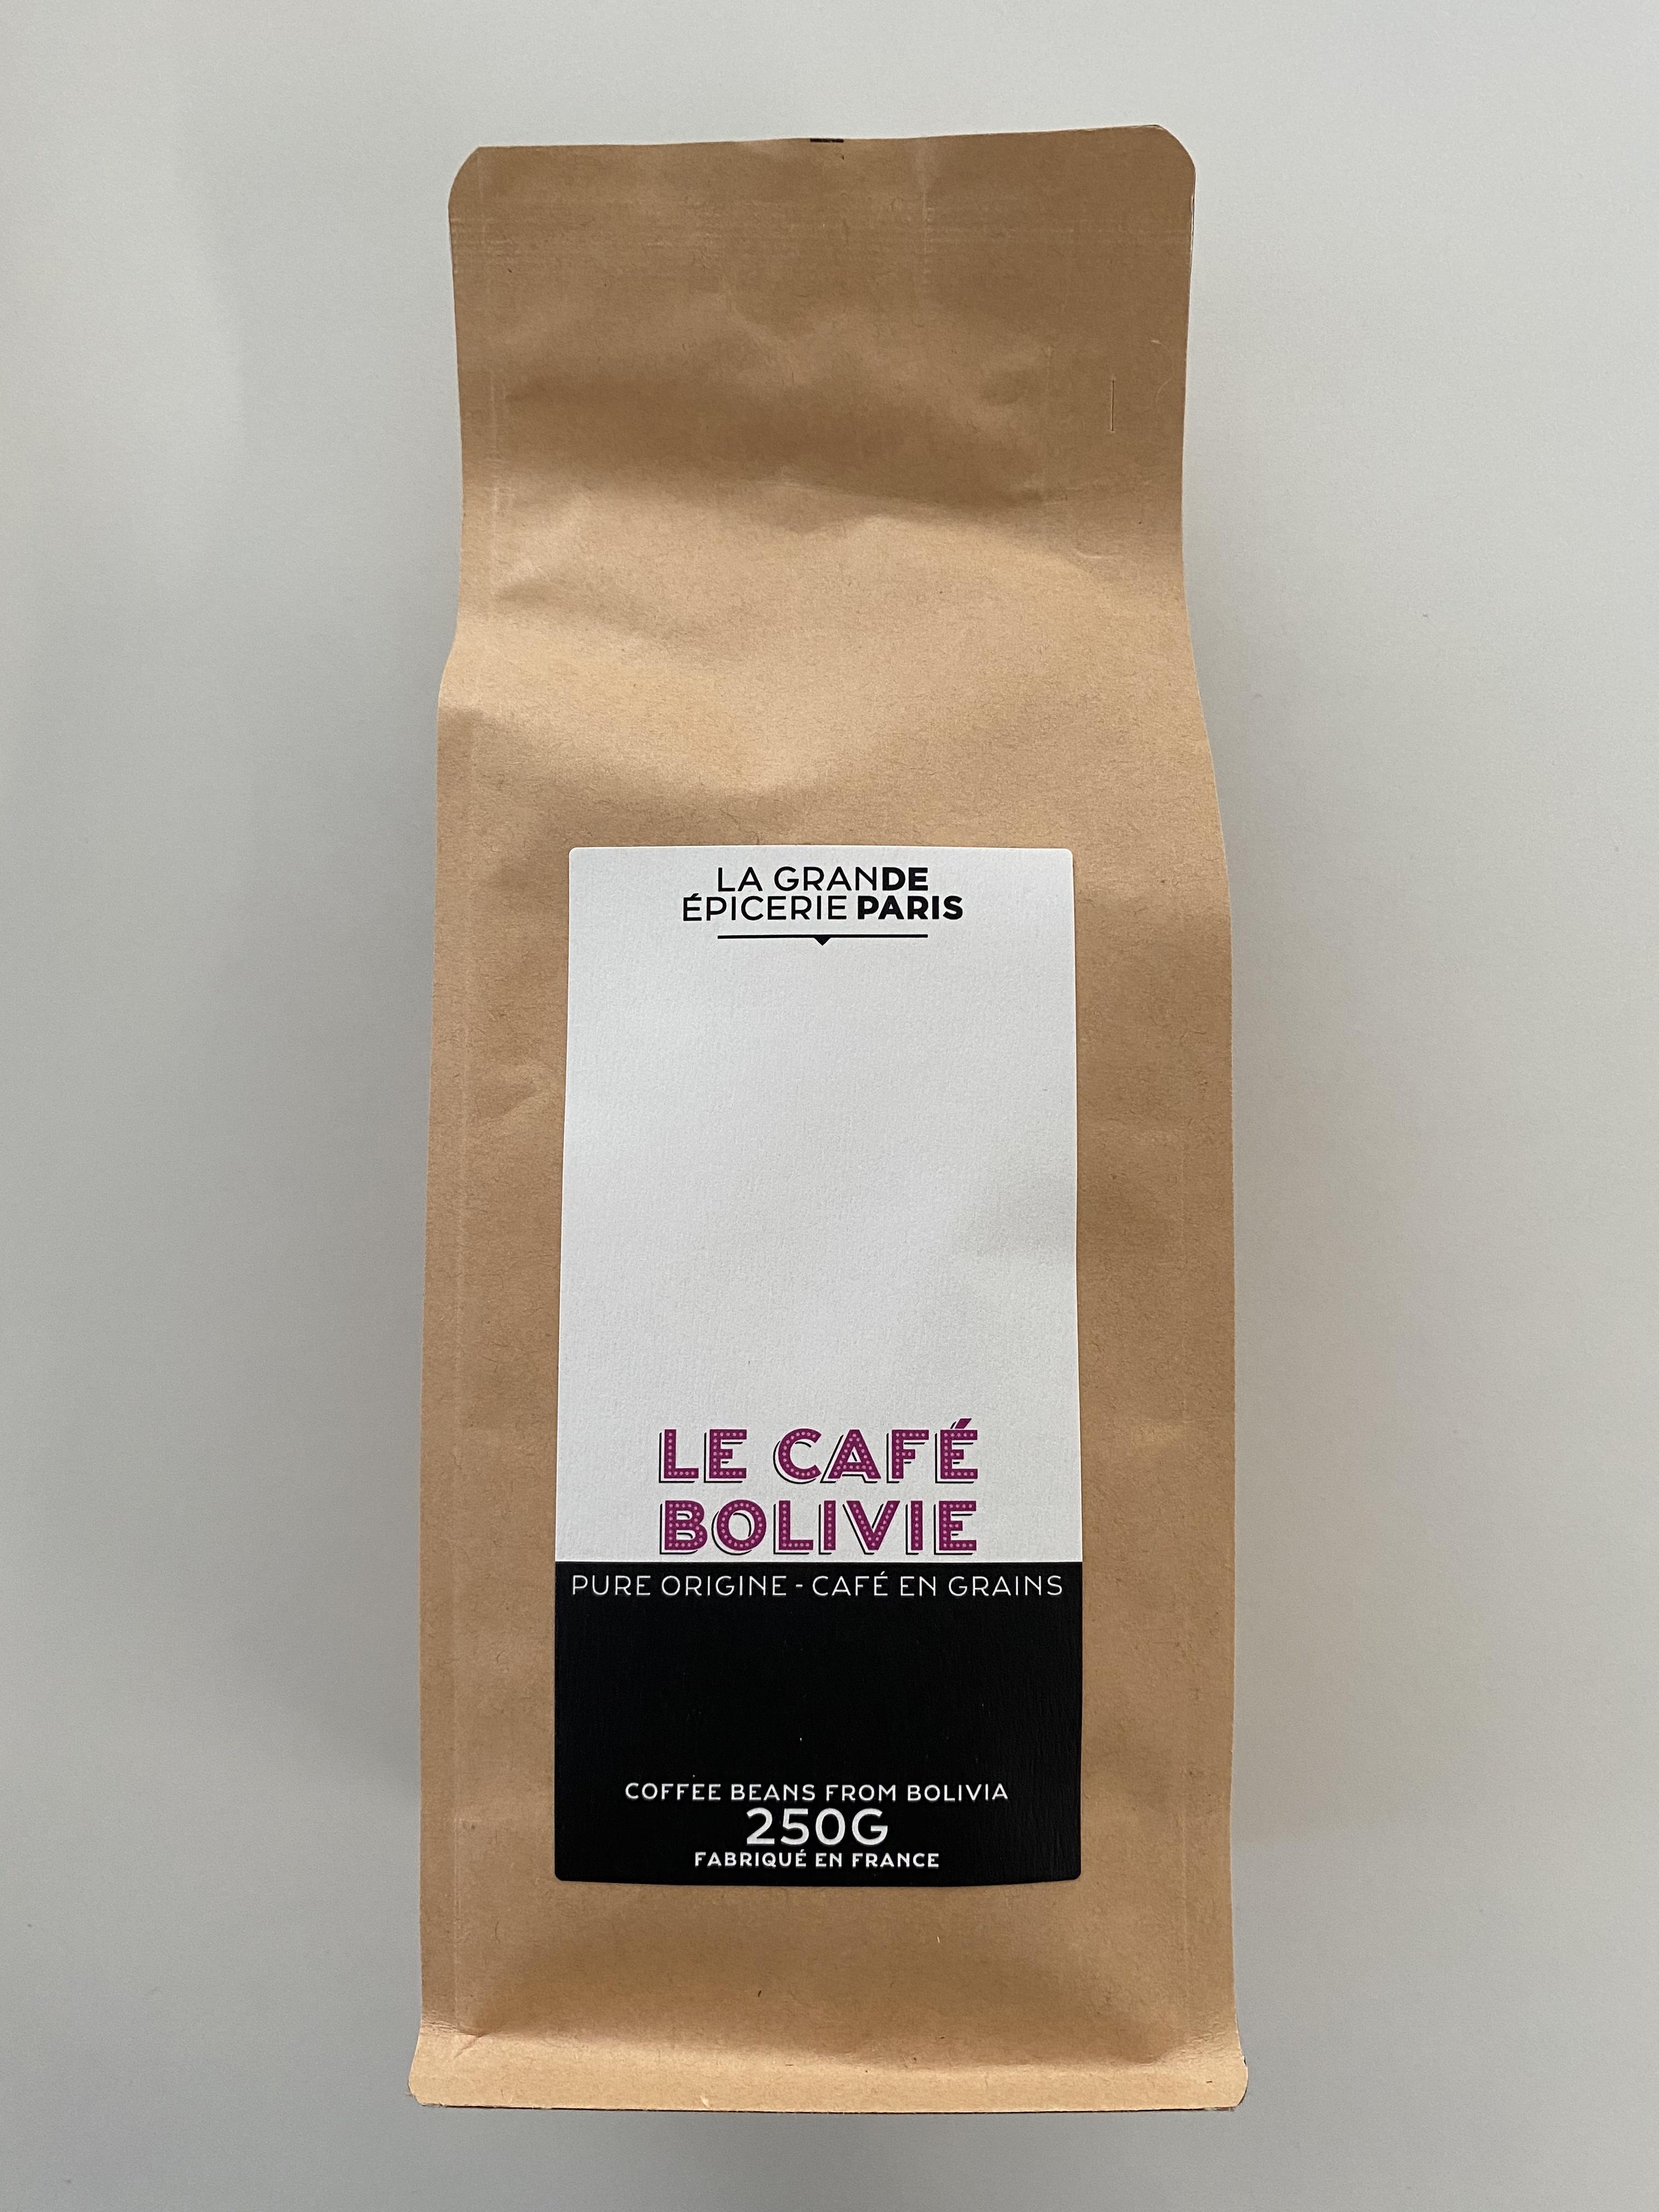 Café origine Bolivie en grains, La Grande Epicerie de Paris (250 g)